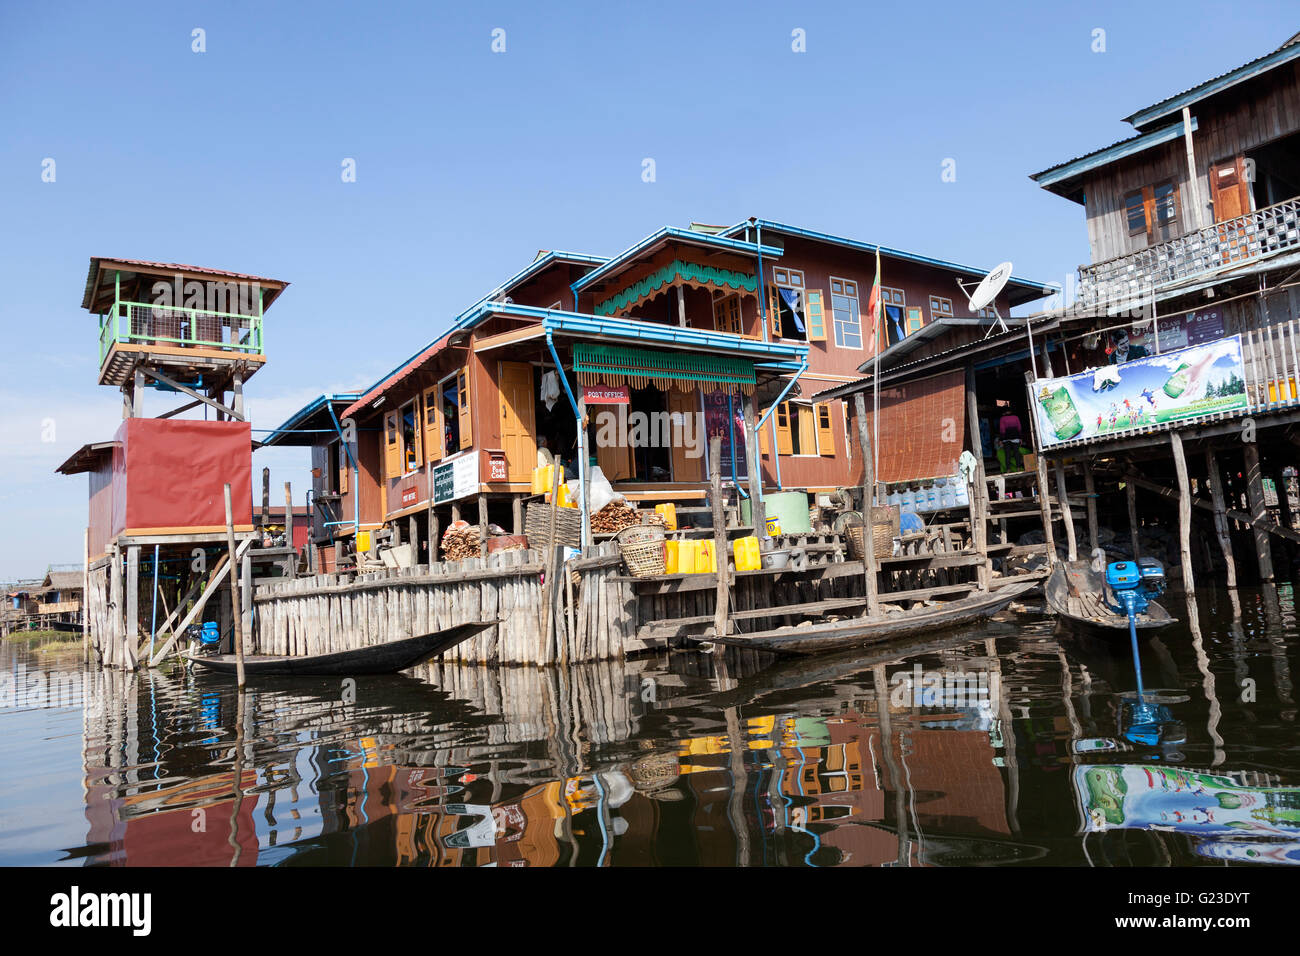 Auf dem Inle-See einem malerischen See Postamt (Myanmar). Sur le Lac Inlé, un Bureau de Poste Original (Birmanie). Stockbild